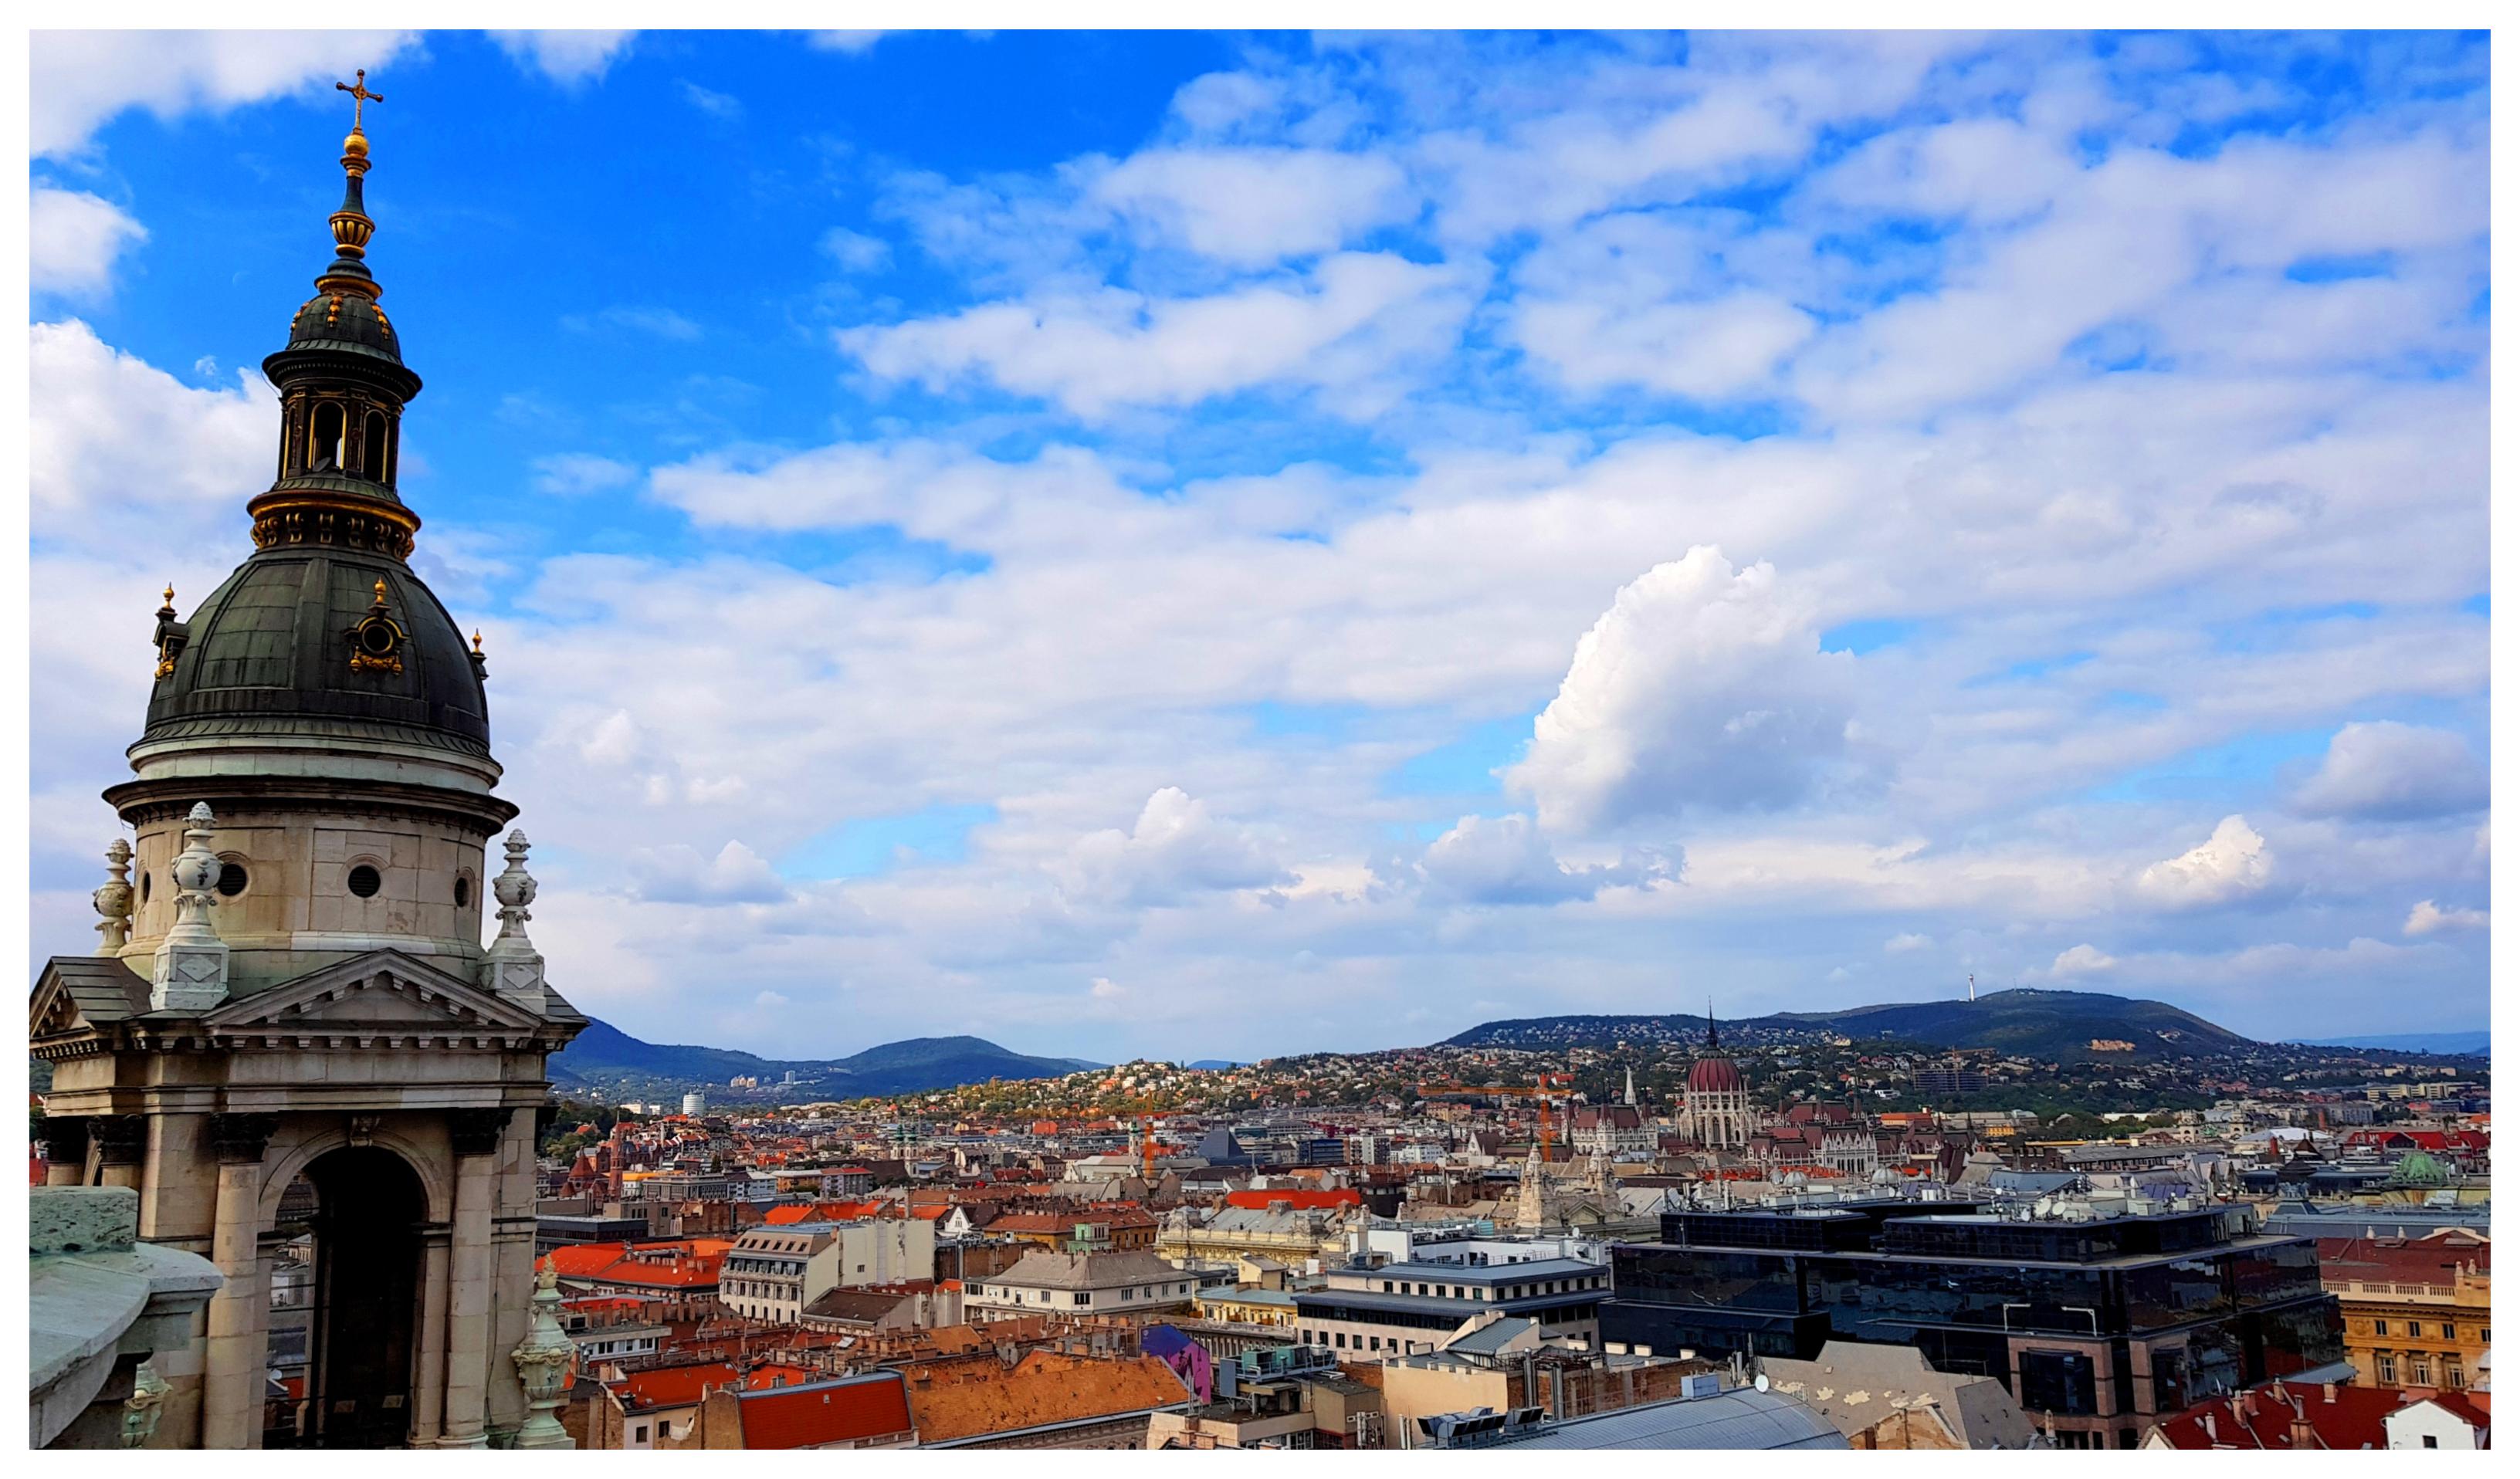 budapest-basilique-st-etienne-vue-panoramique